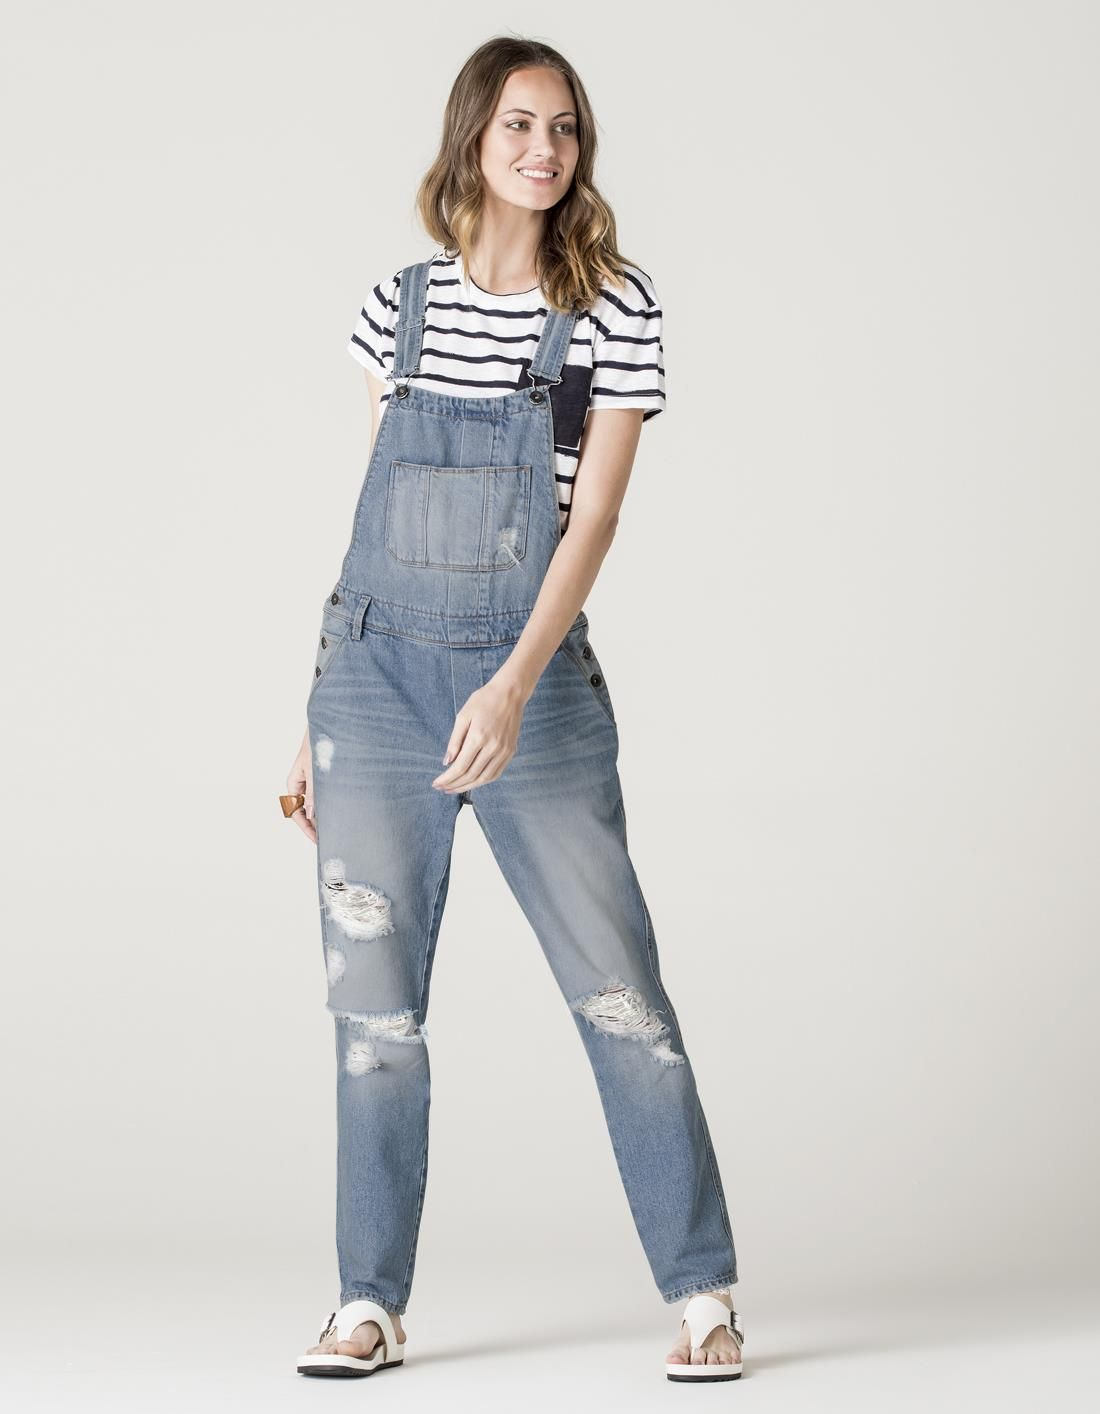 f56981b1a Macacão jeans! Destroyed, ele tem modelagem mais soltinha! O jeans claro é a